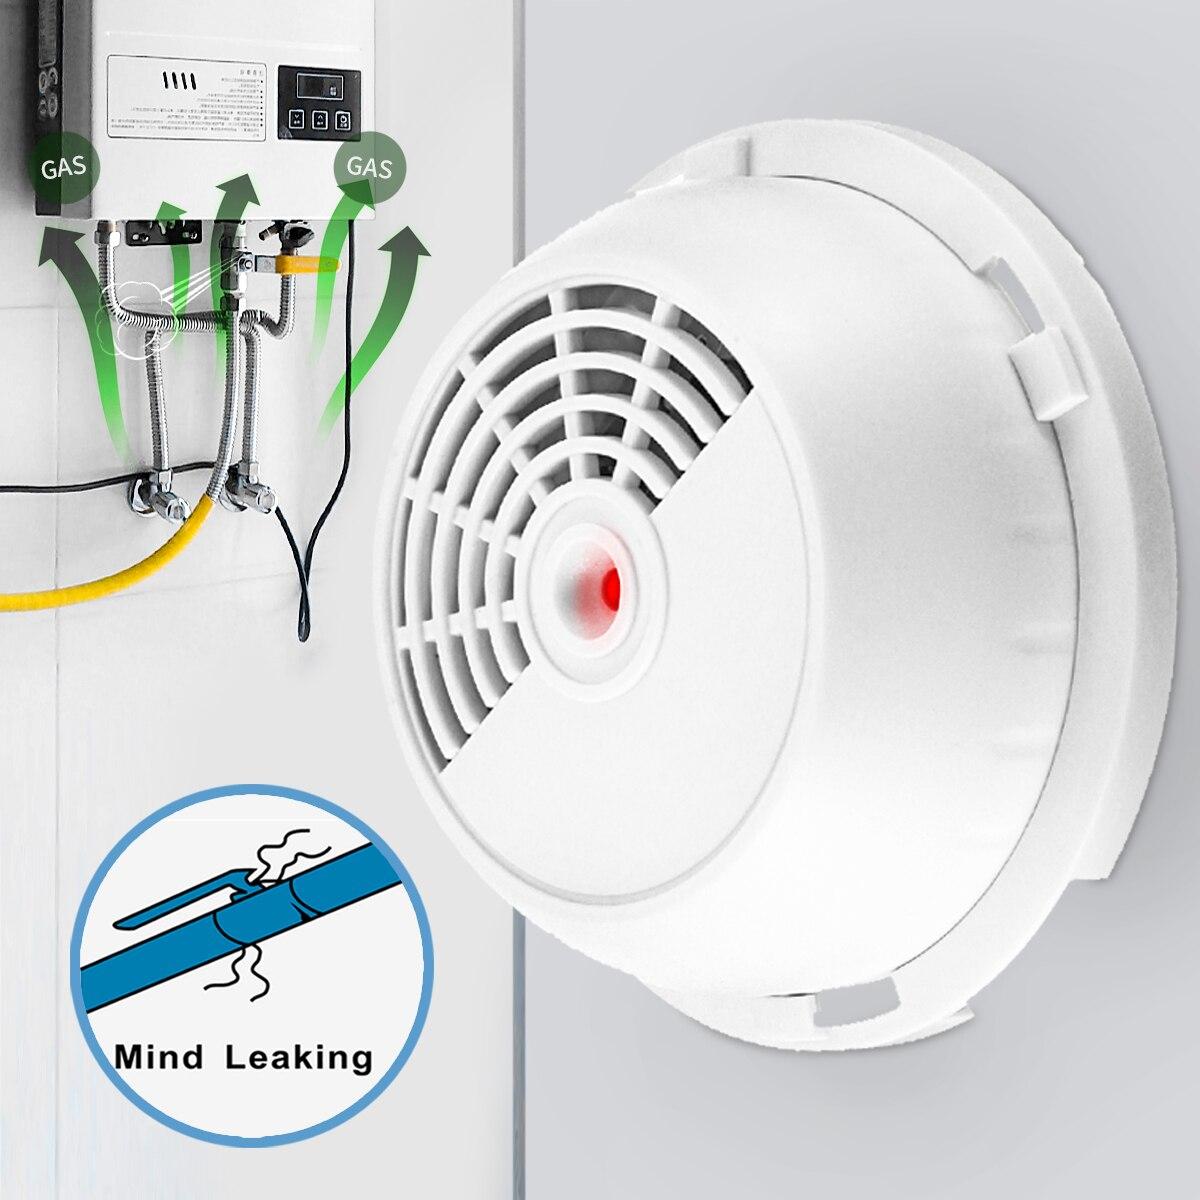 12 V Combustible LPG Natural fuga de Gas Detector Sensor de propano butano probador de fugas alarma de seguridad para el hogar seguridad herramienta